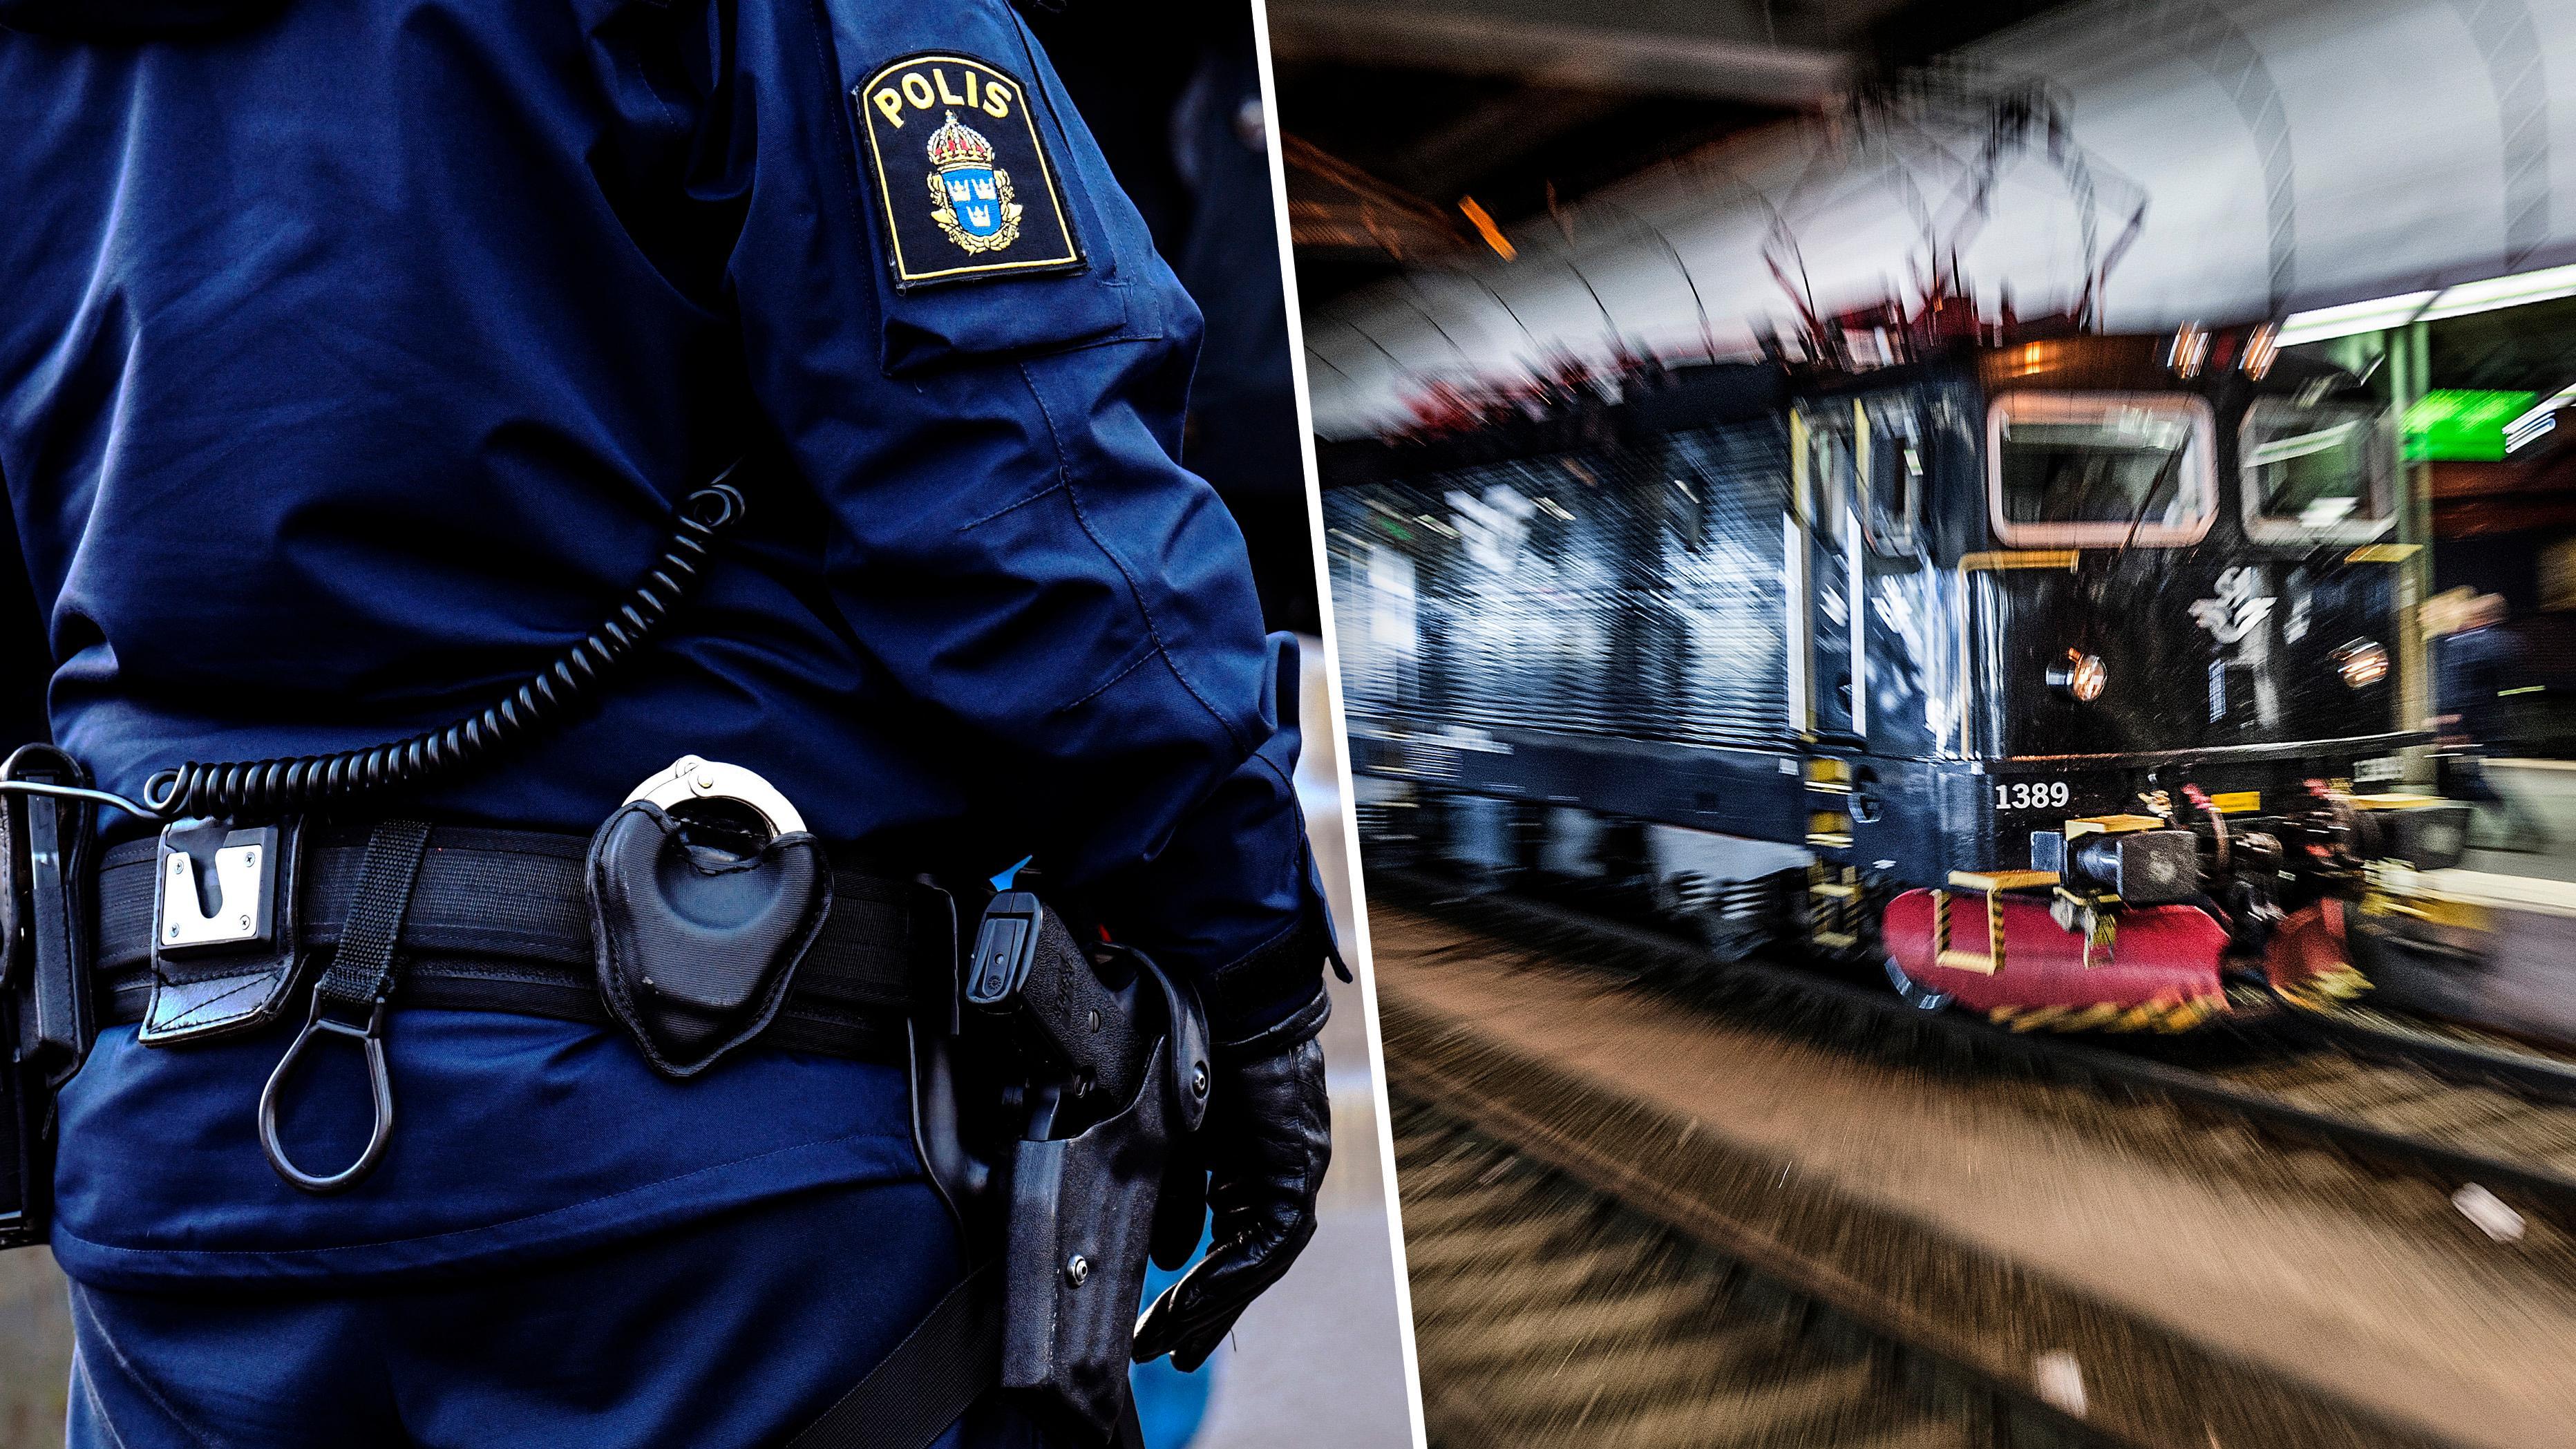 Poliser far sjalva testa pepparspray